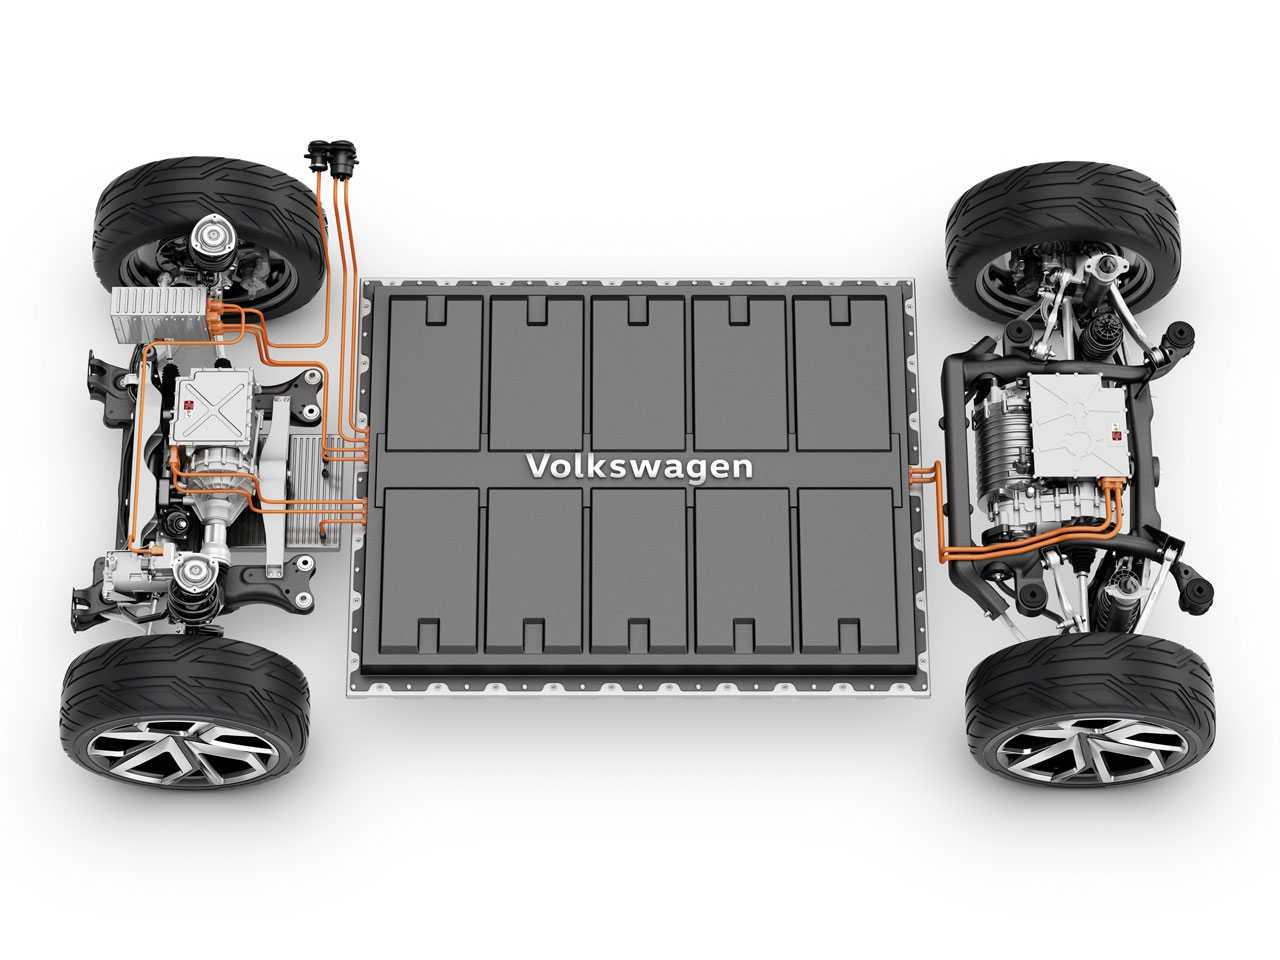 A plataforma de um carro elétrico: menos peças